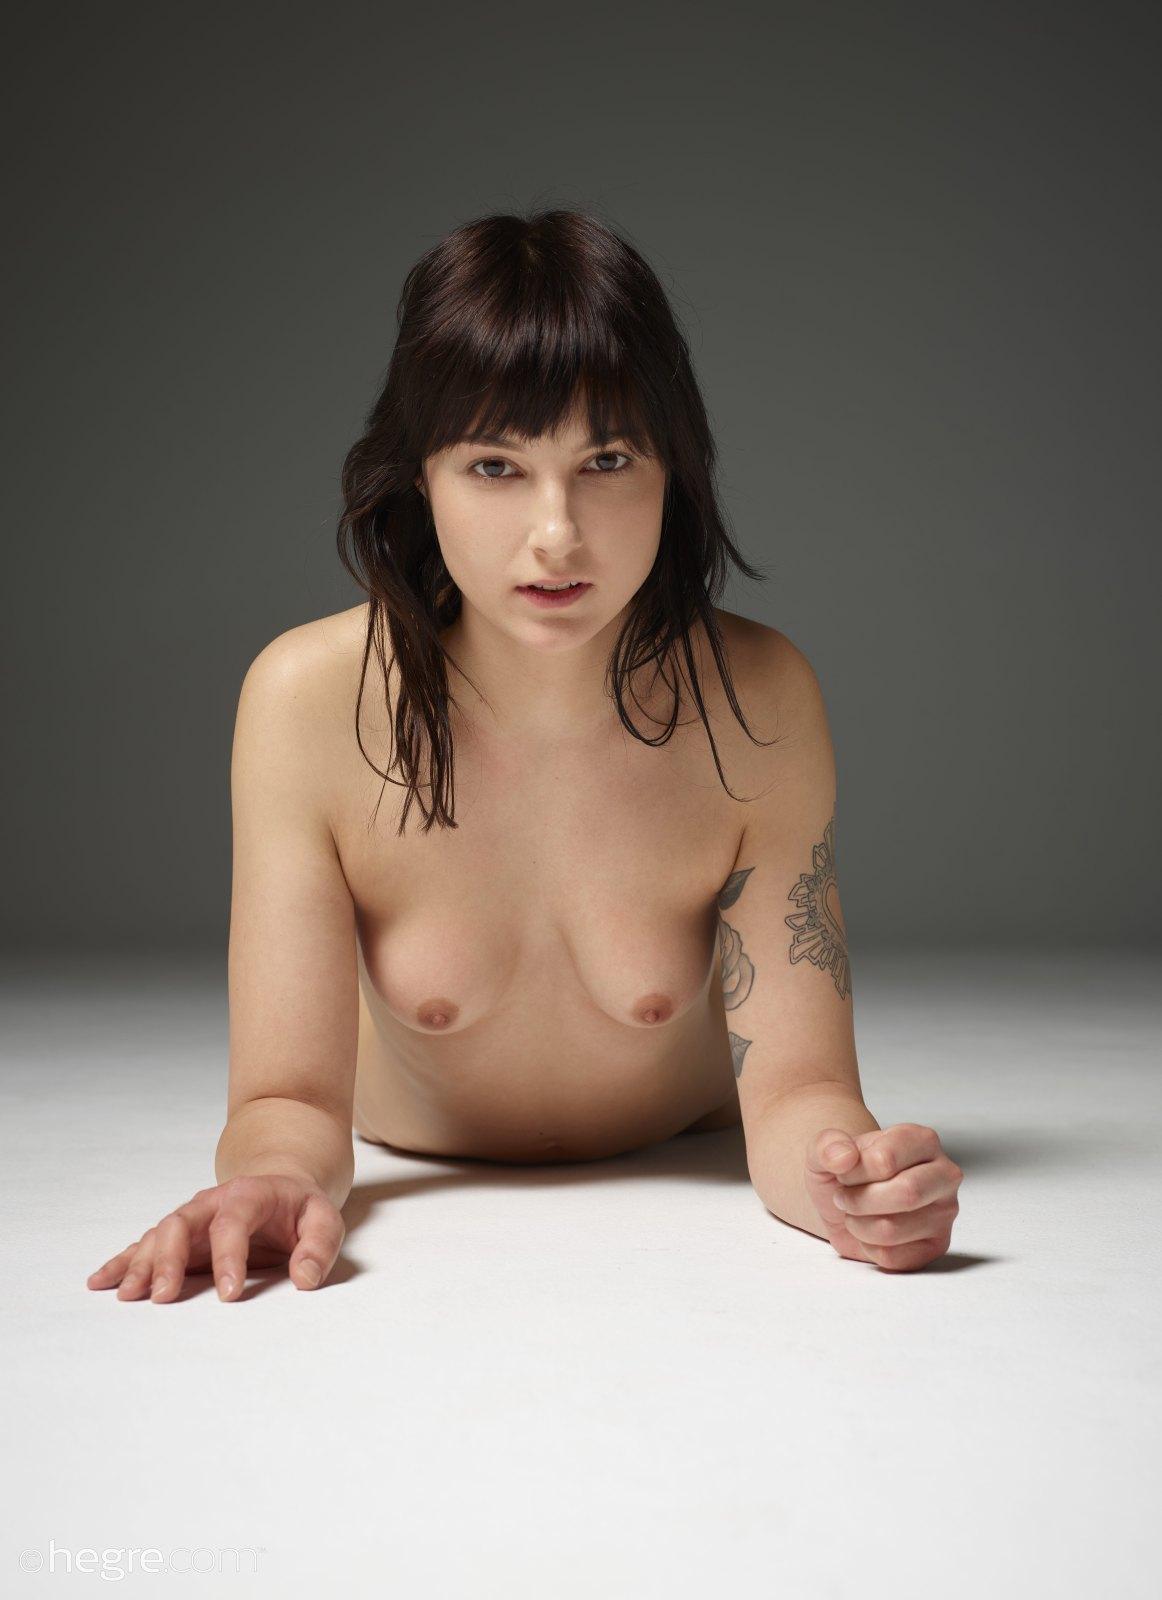 Art nude girl next door